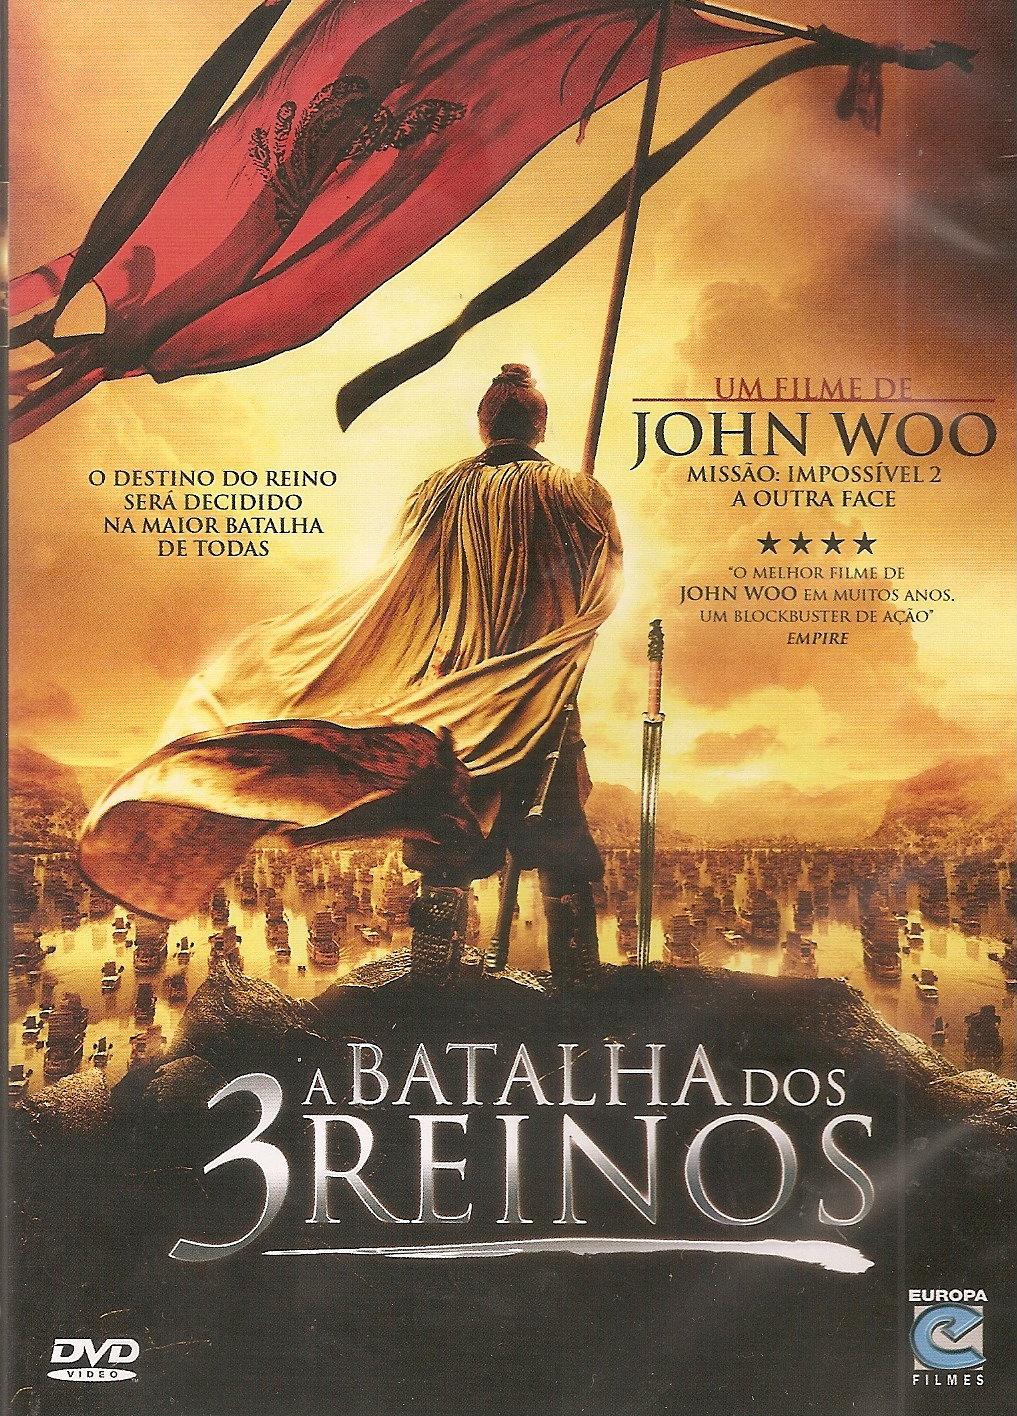 A Batalha dos 3 reinos – Dublado